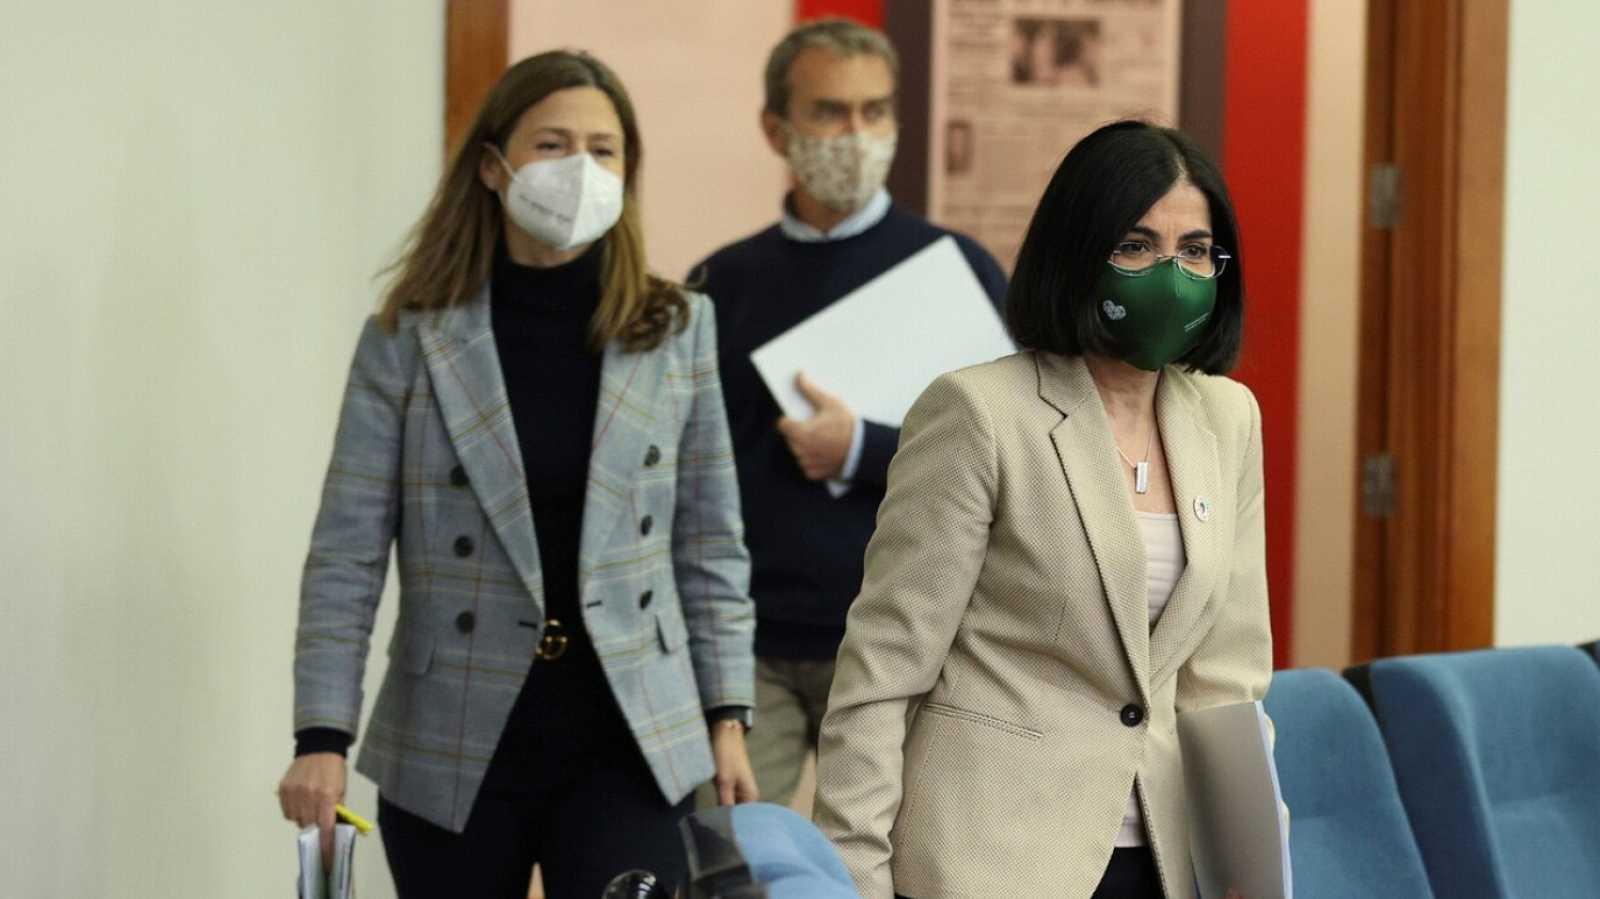 Especial informativo - Comparecencia de la ministra de Sanidad, la directora de la Agencia Española del Medicamento, y el director del Centro de Coordinación de Alertas y Emergencias Sanitarias - 15/03/21 - ver ahora